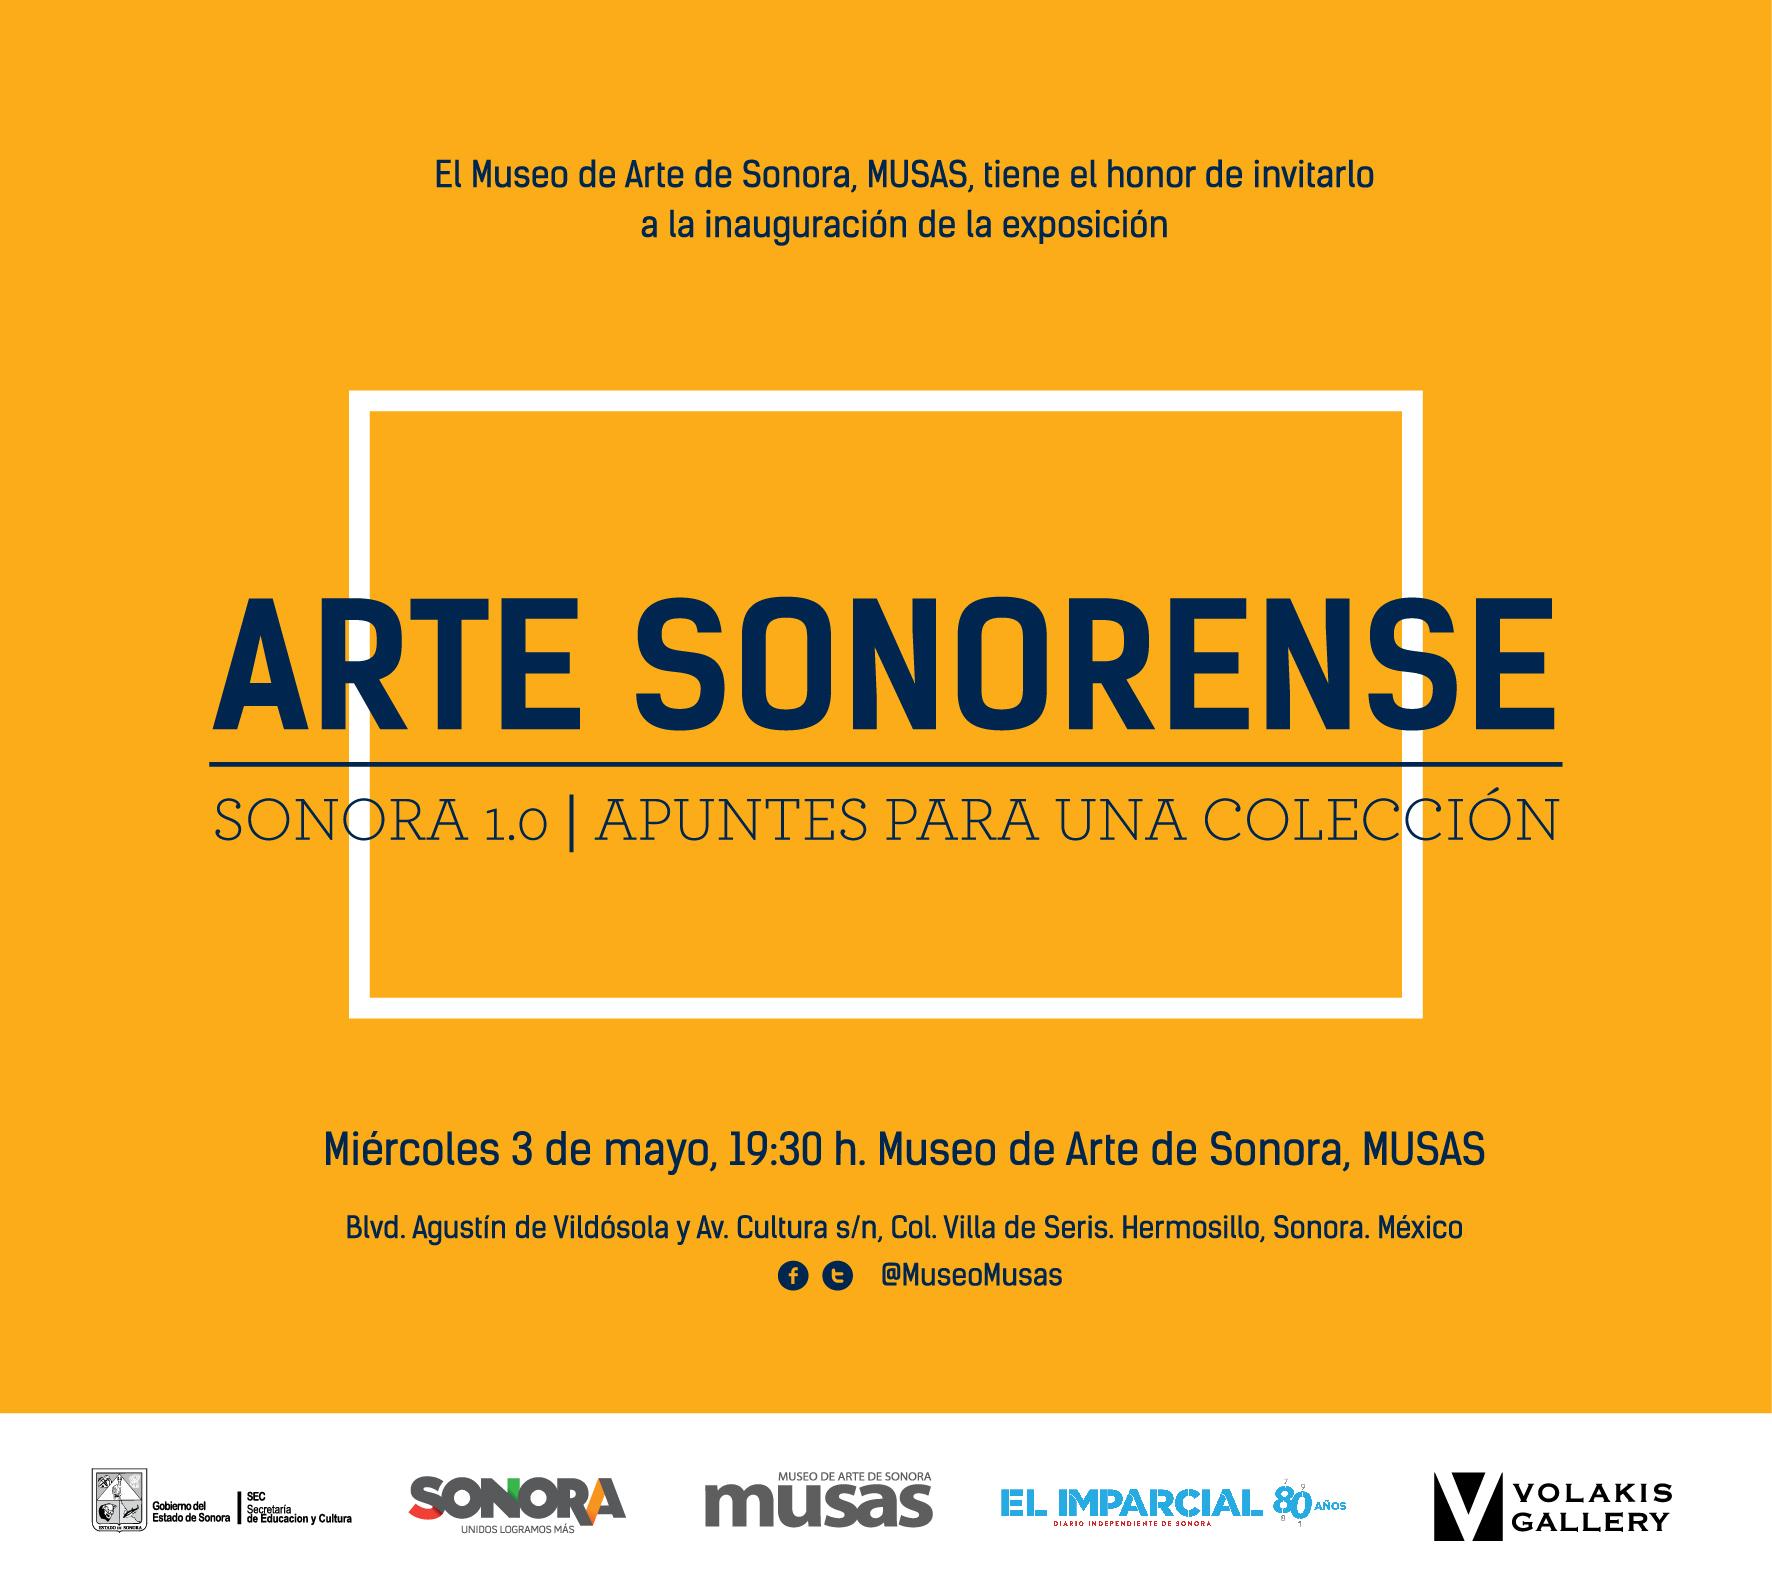 invitacionSonora1,0-02.jpg